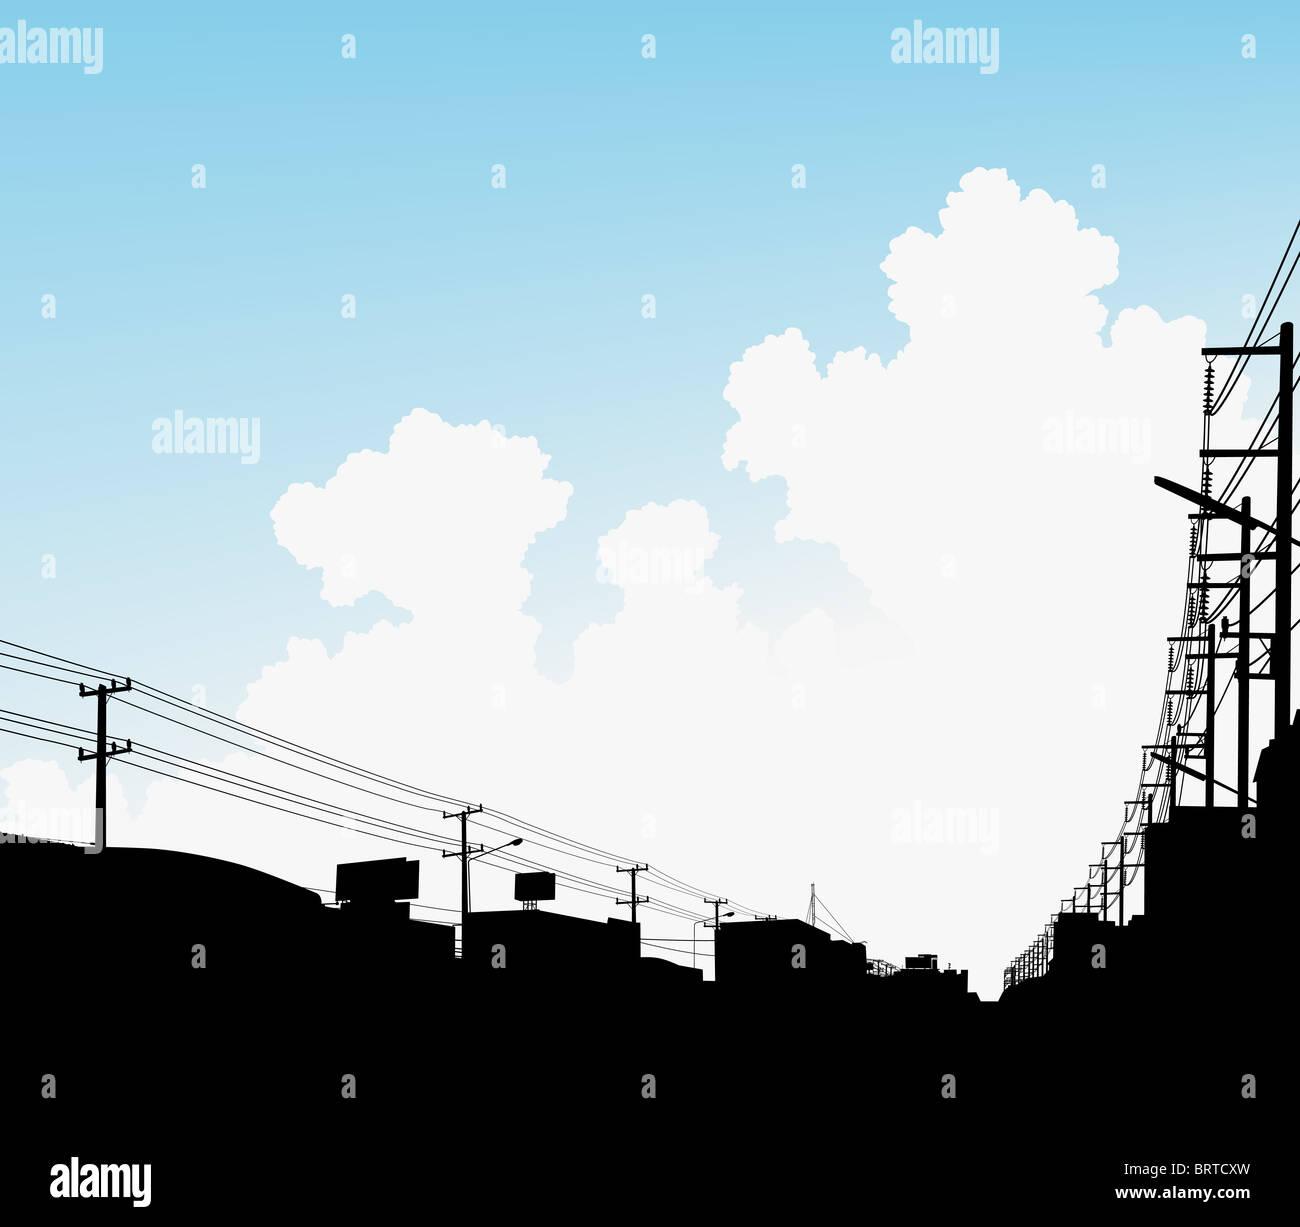 Illustration de nuages sur une ville avec l'espace de copie Photo Stock